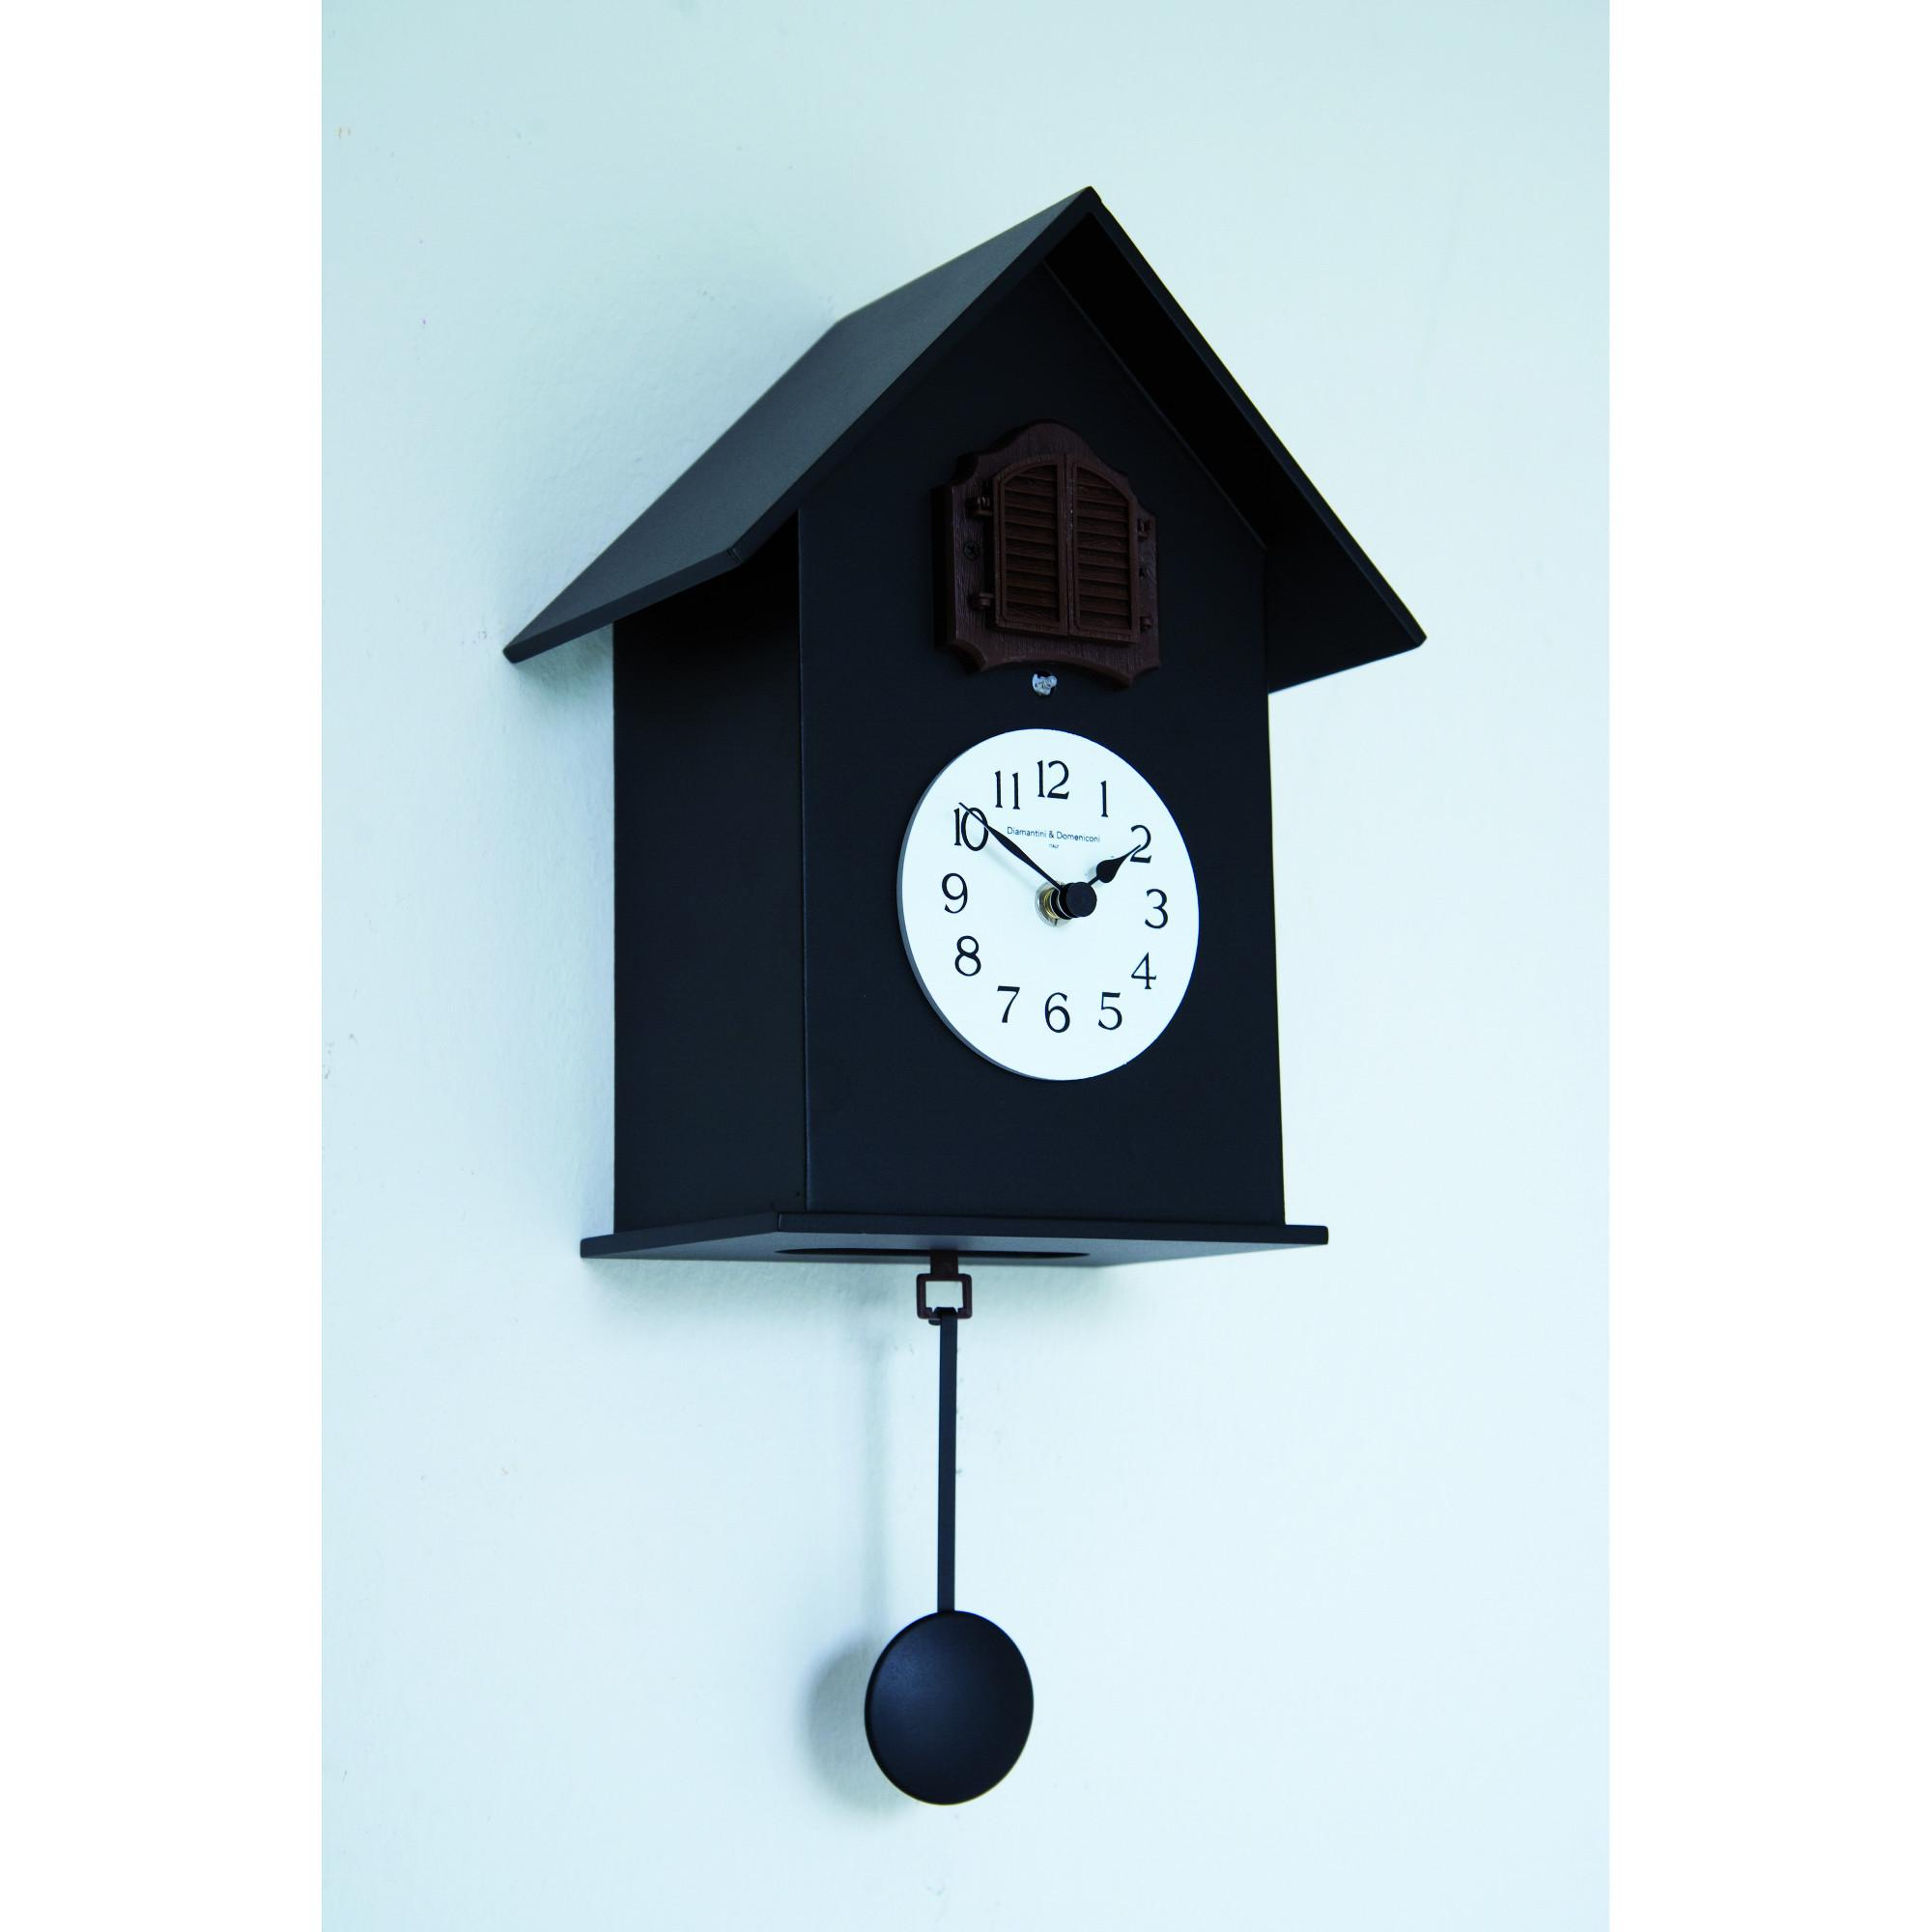 Orologio cucu da muro in legno 18x15xh38cm con cassa in legno laccato colore nero diamantini e - Orologi a cucu design ...